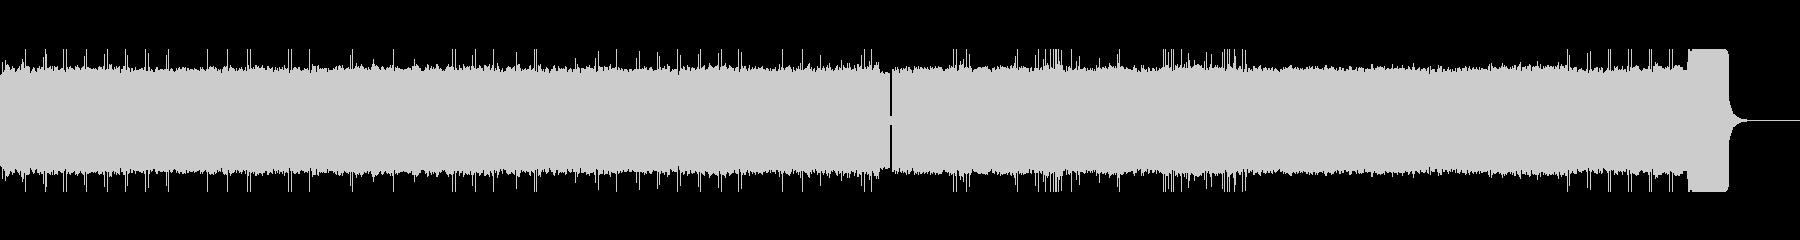 J.S.バッハ無伴奏チェロ組曲8bit風の未再生の波形